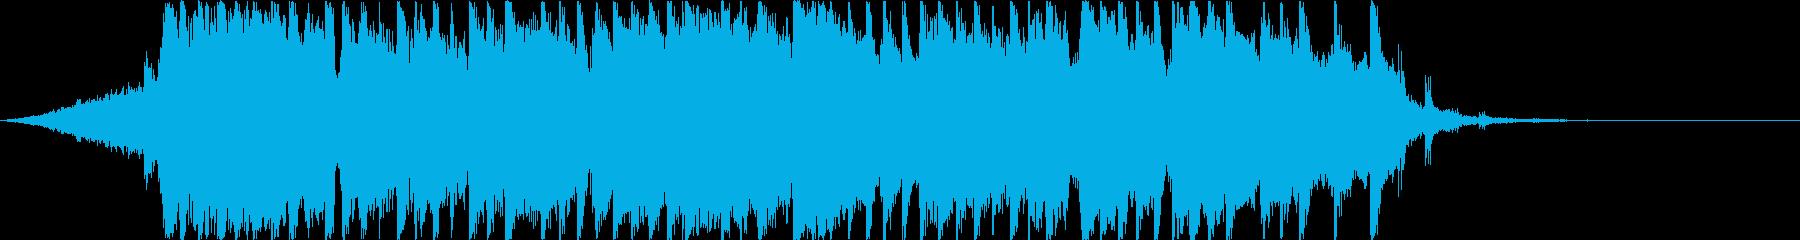 スポーツ番組ハイライト風J-Fusionの再生済みの波形